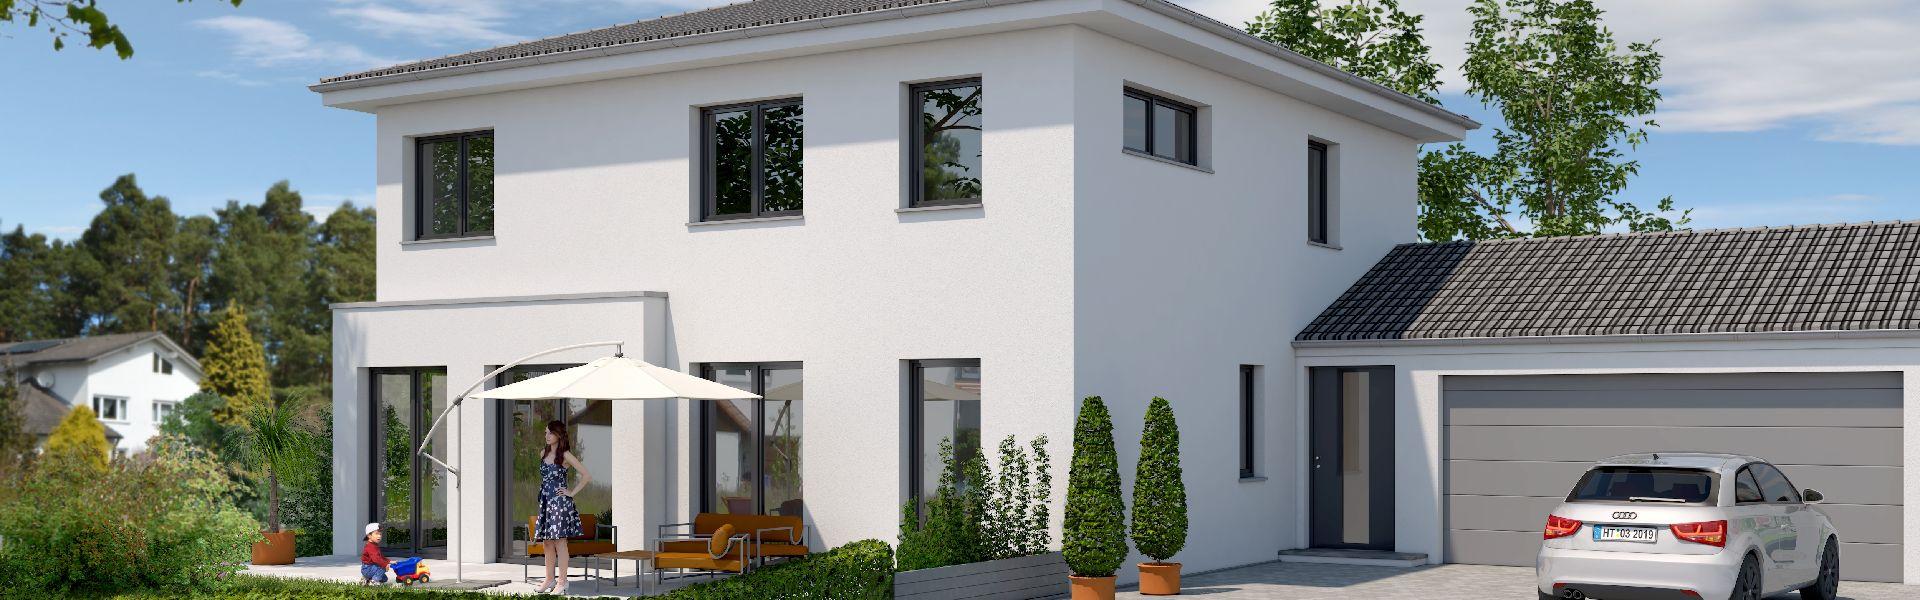 Sengenthal – Einfamilienhaus + Doppelgarage